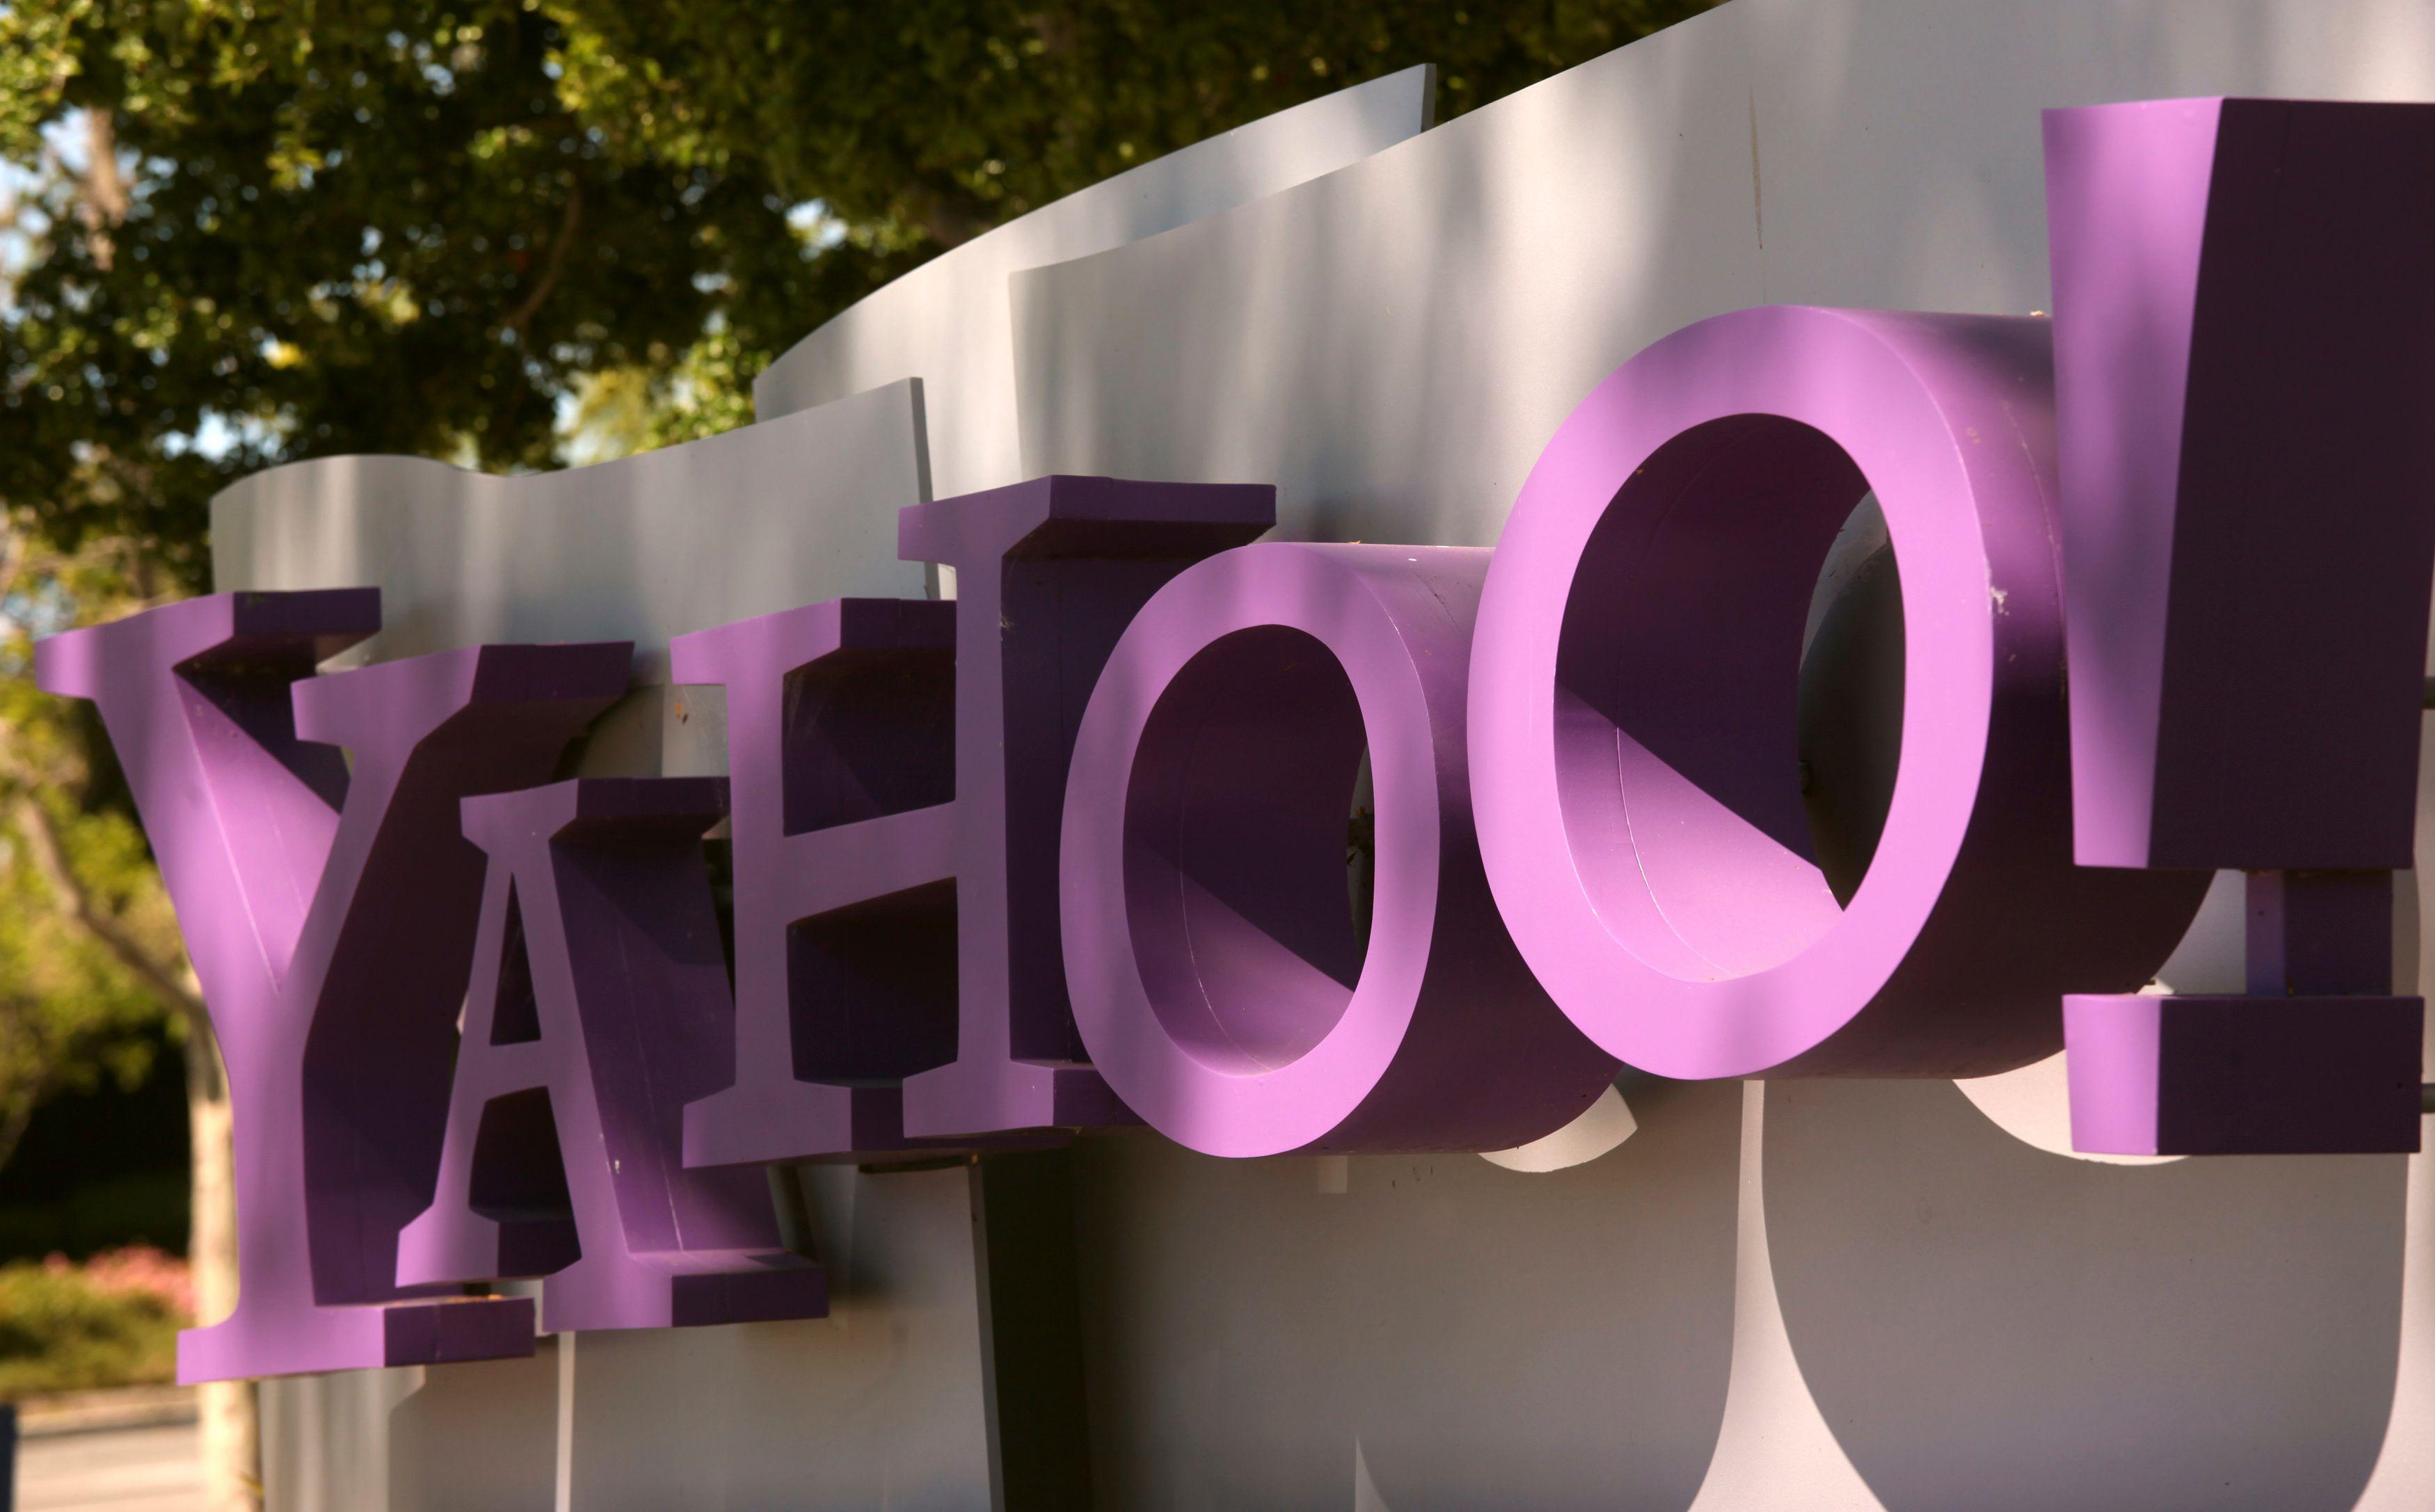 Un milliard de comptes Yahoo piratés : ce qu'il faut savoir si vous avez peur d'être concerné